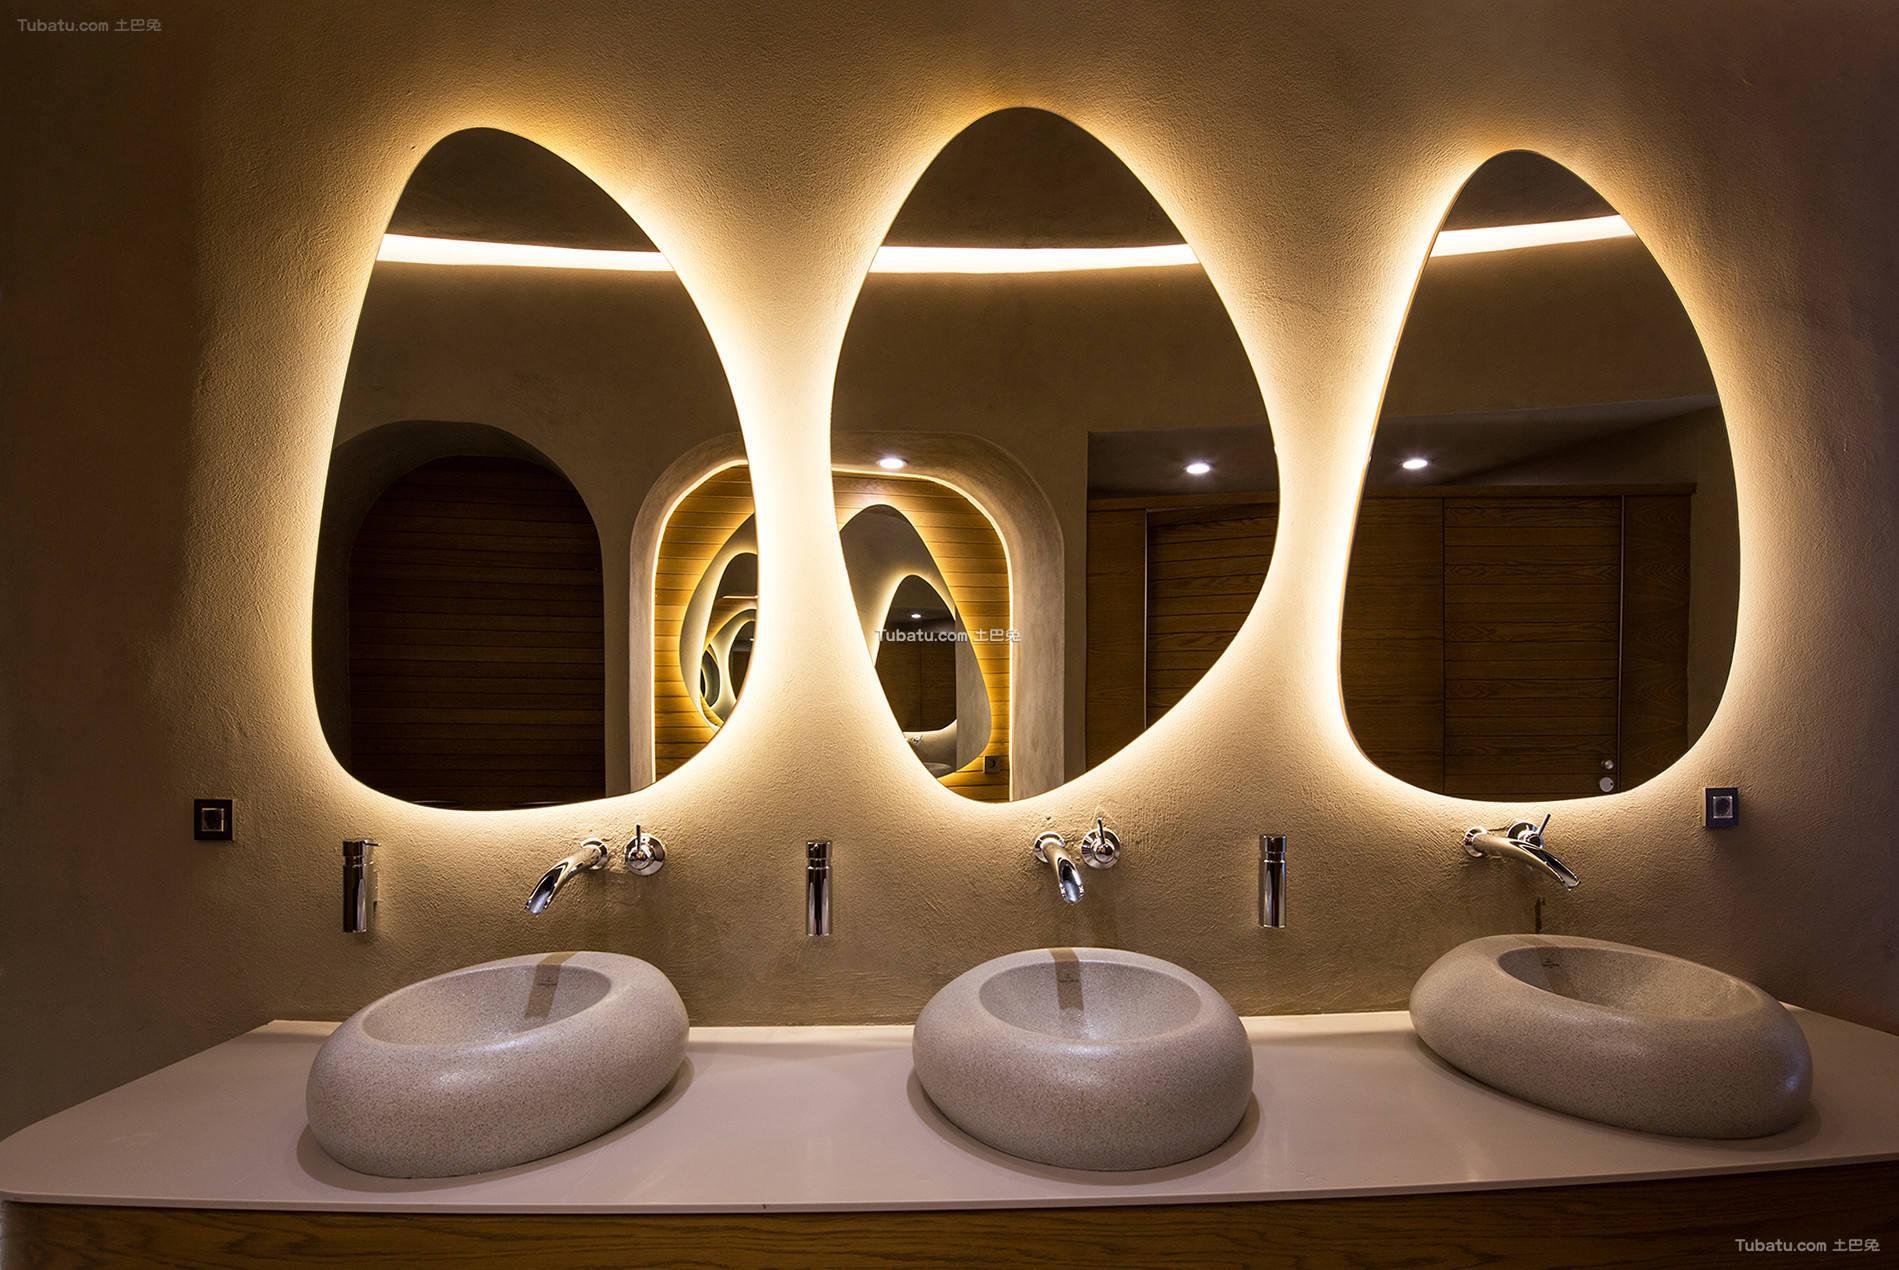 美容院洗手间装修室内效果图片